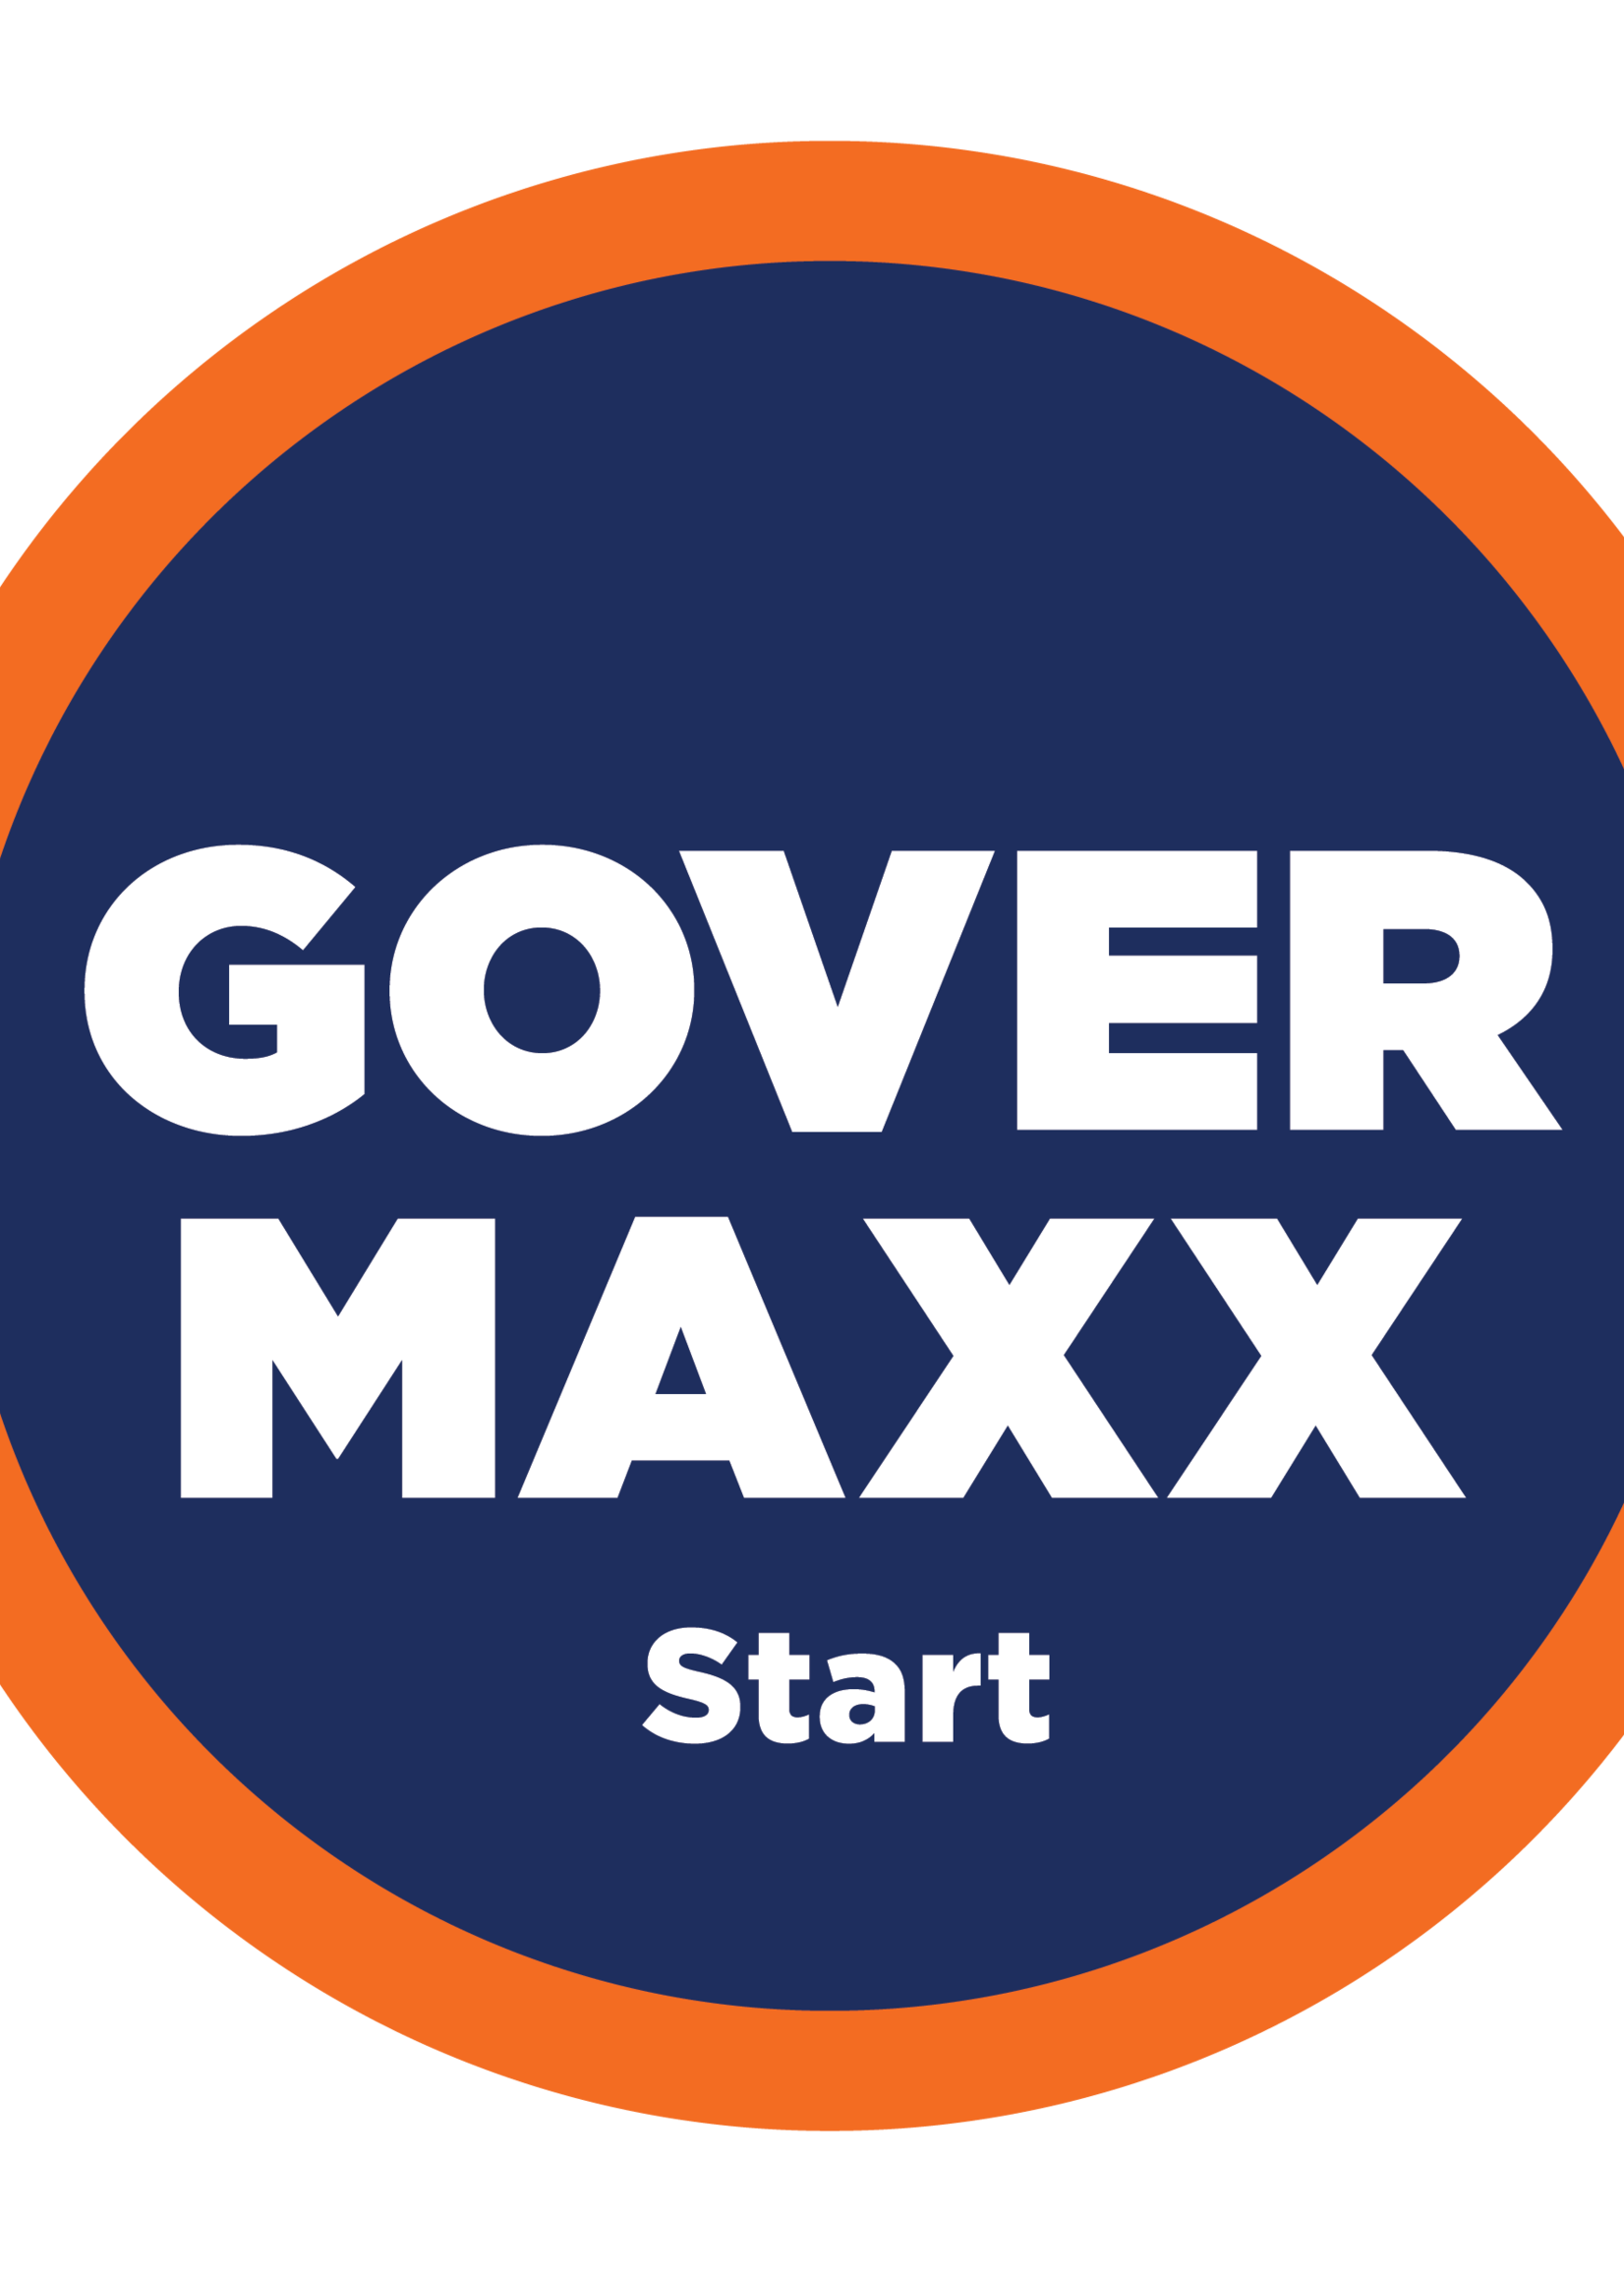 GoverMaxx Start